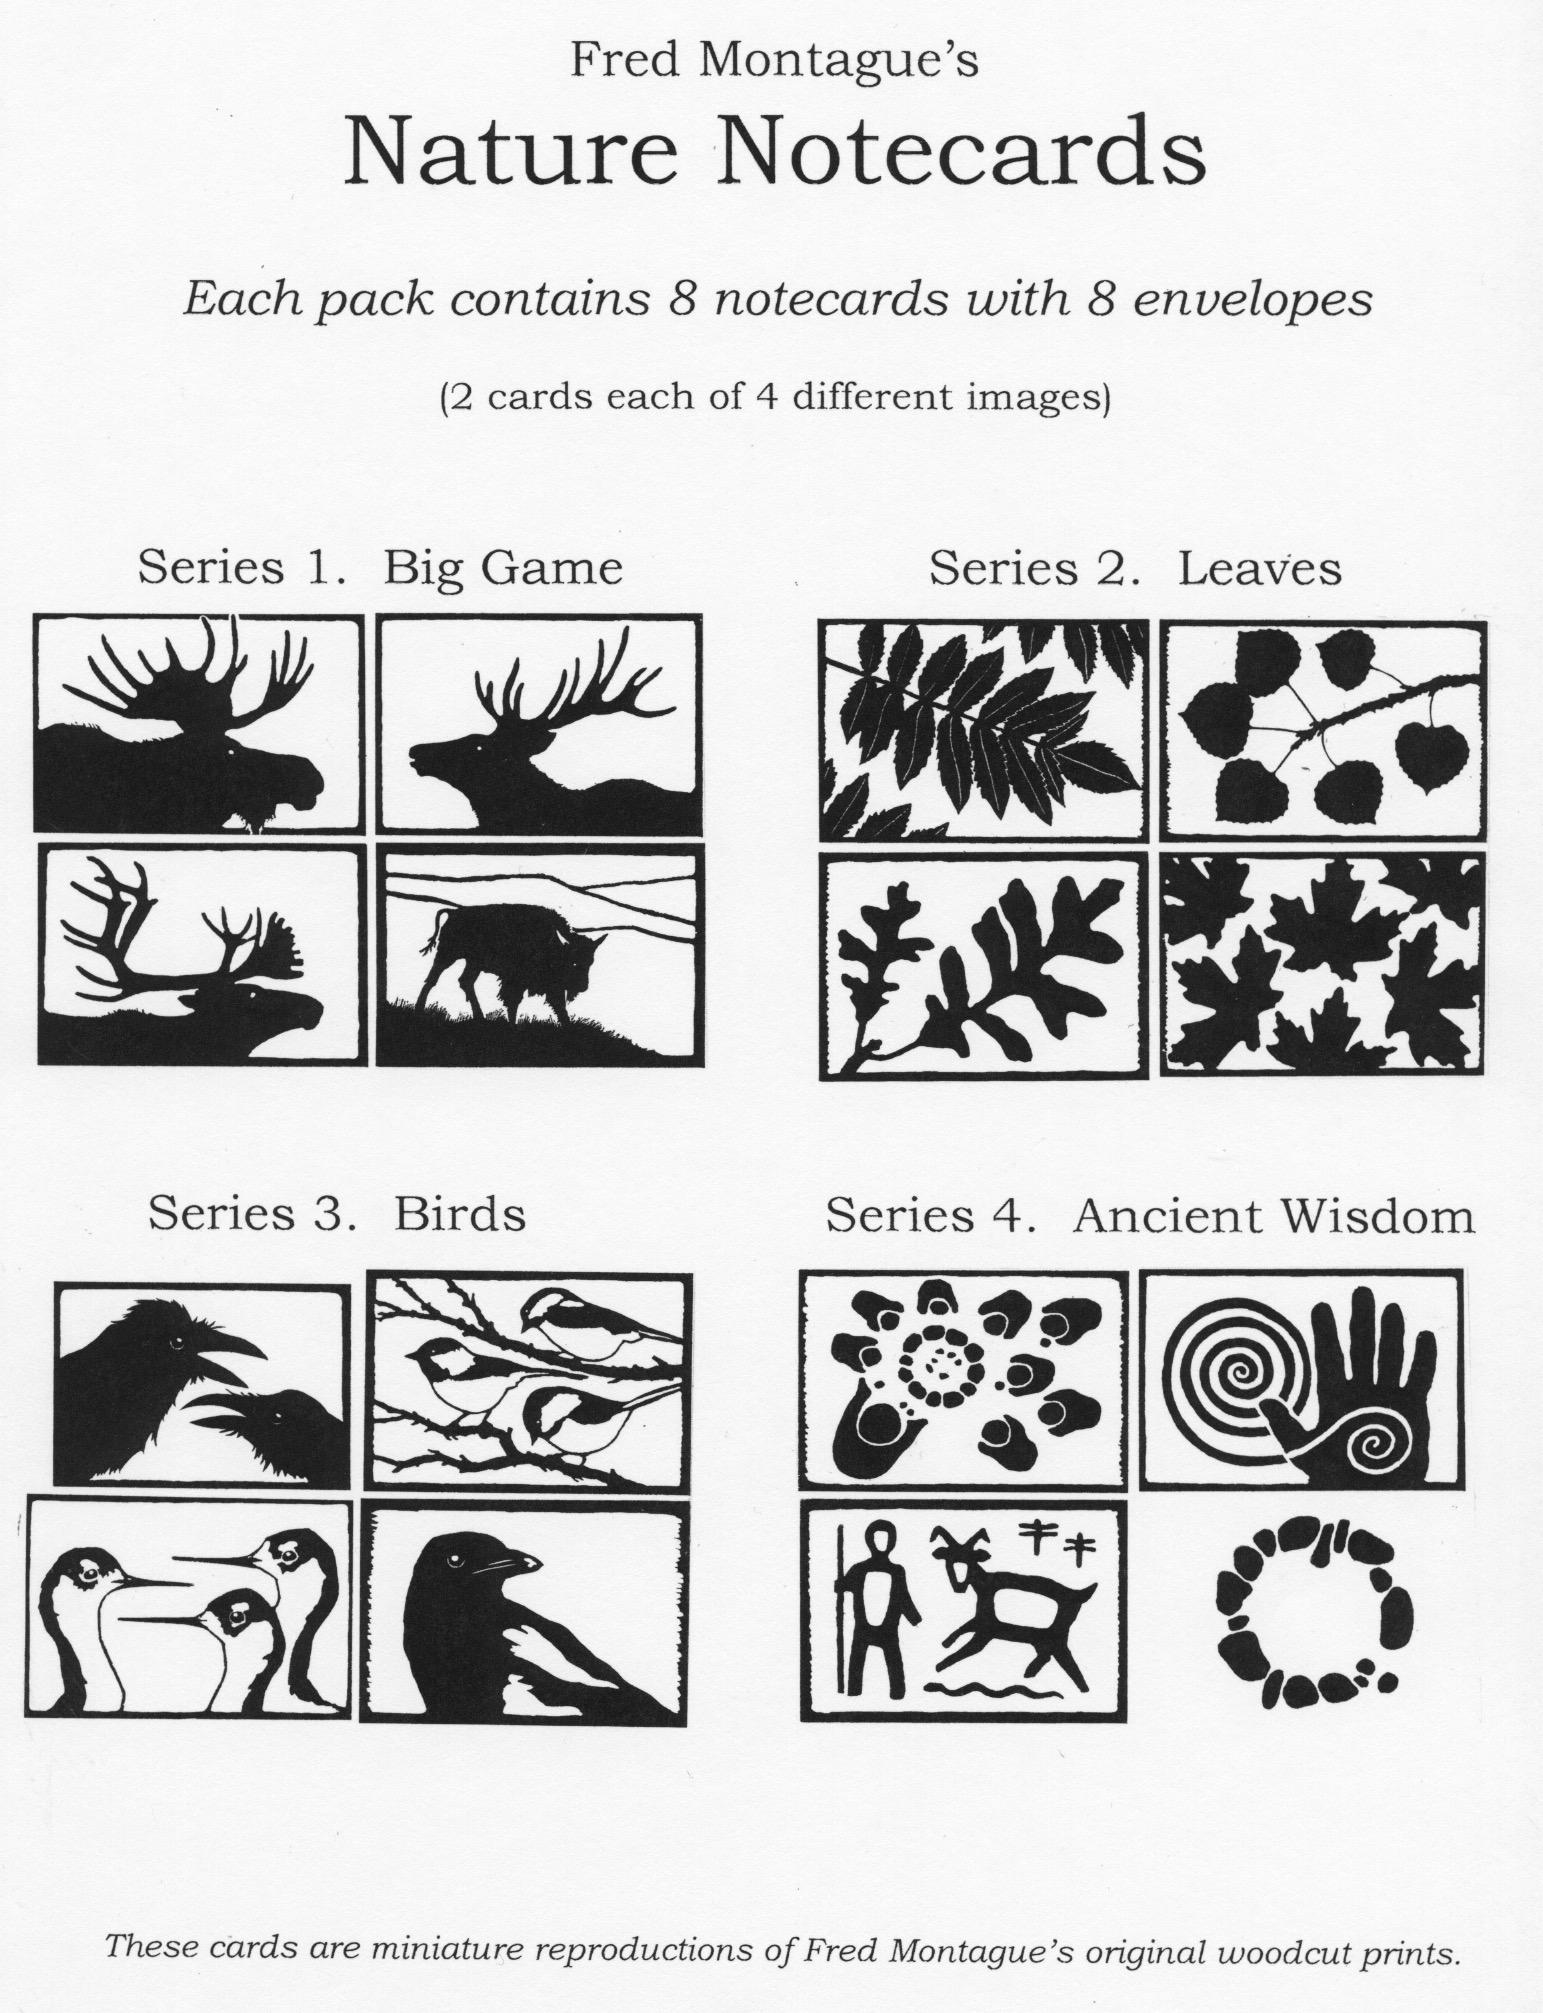 nature_notecards_poster.jpeg